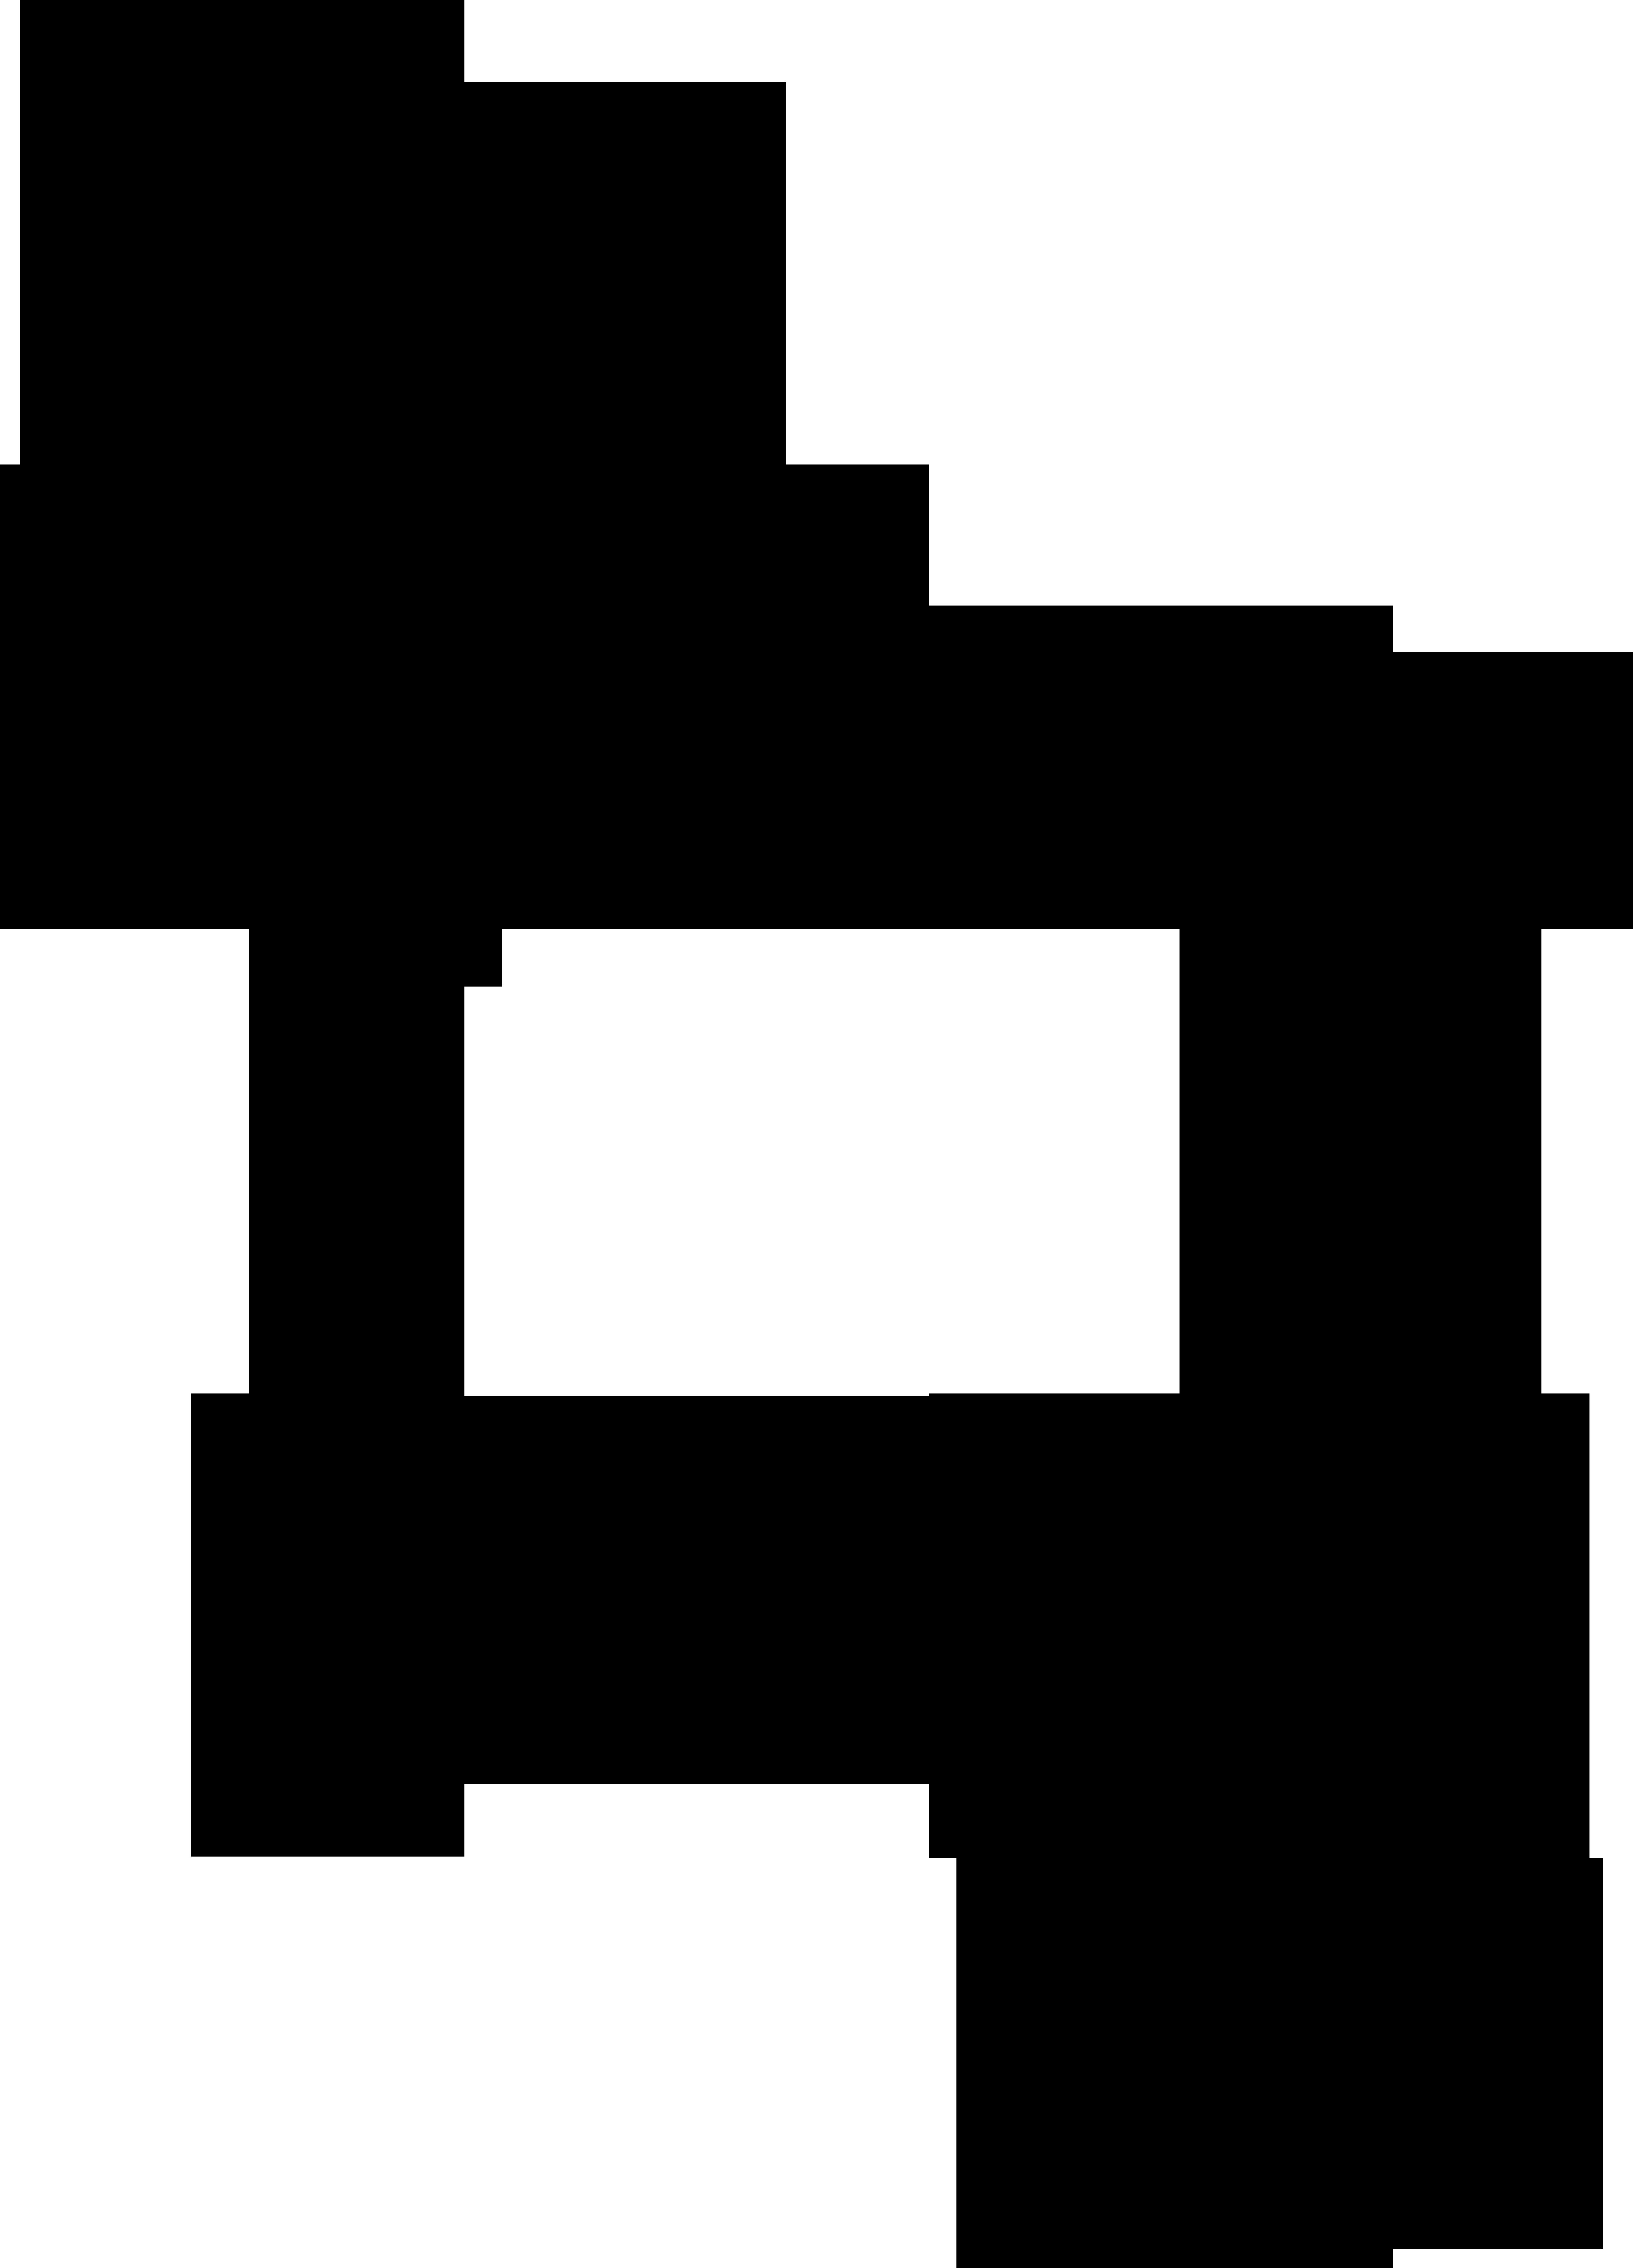 gender pride symbol